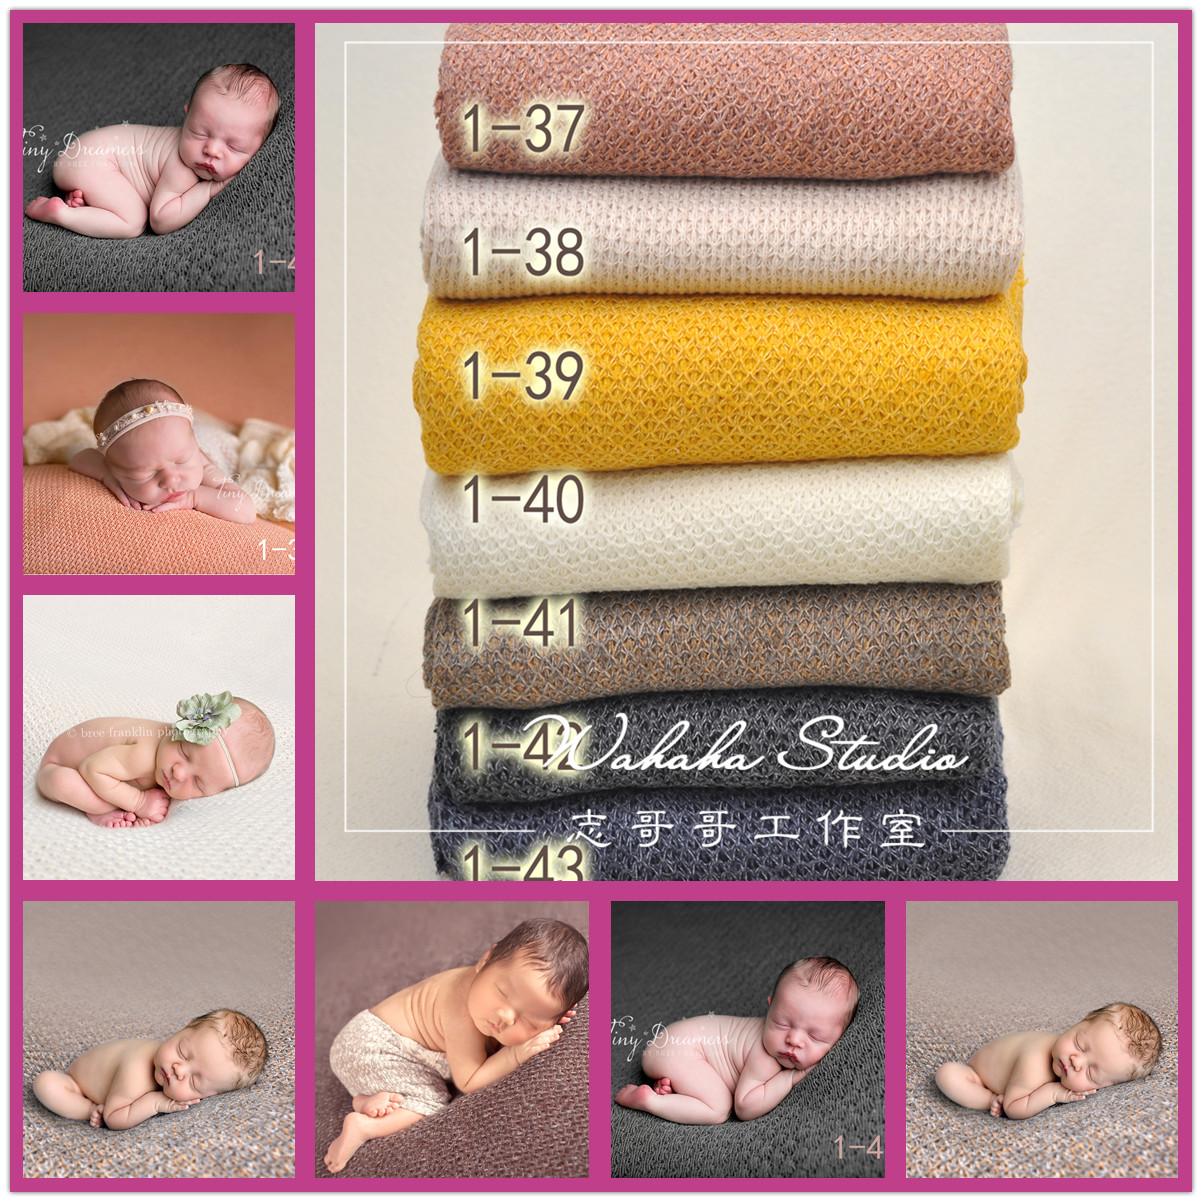 Сгущаться эластичность новый европейско-американский манер новорожденных фотография реквизит одеяла завернуть ткань полнолуние ребенок фотографировать фон ткань